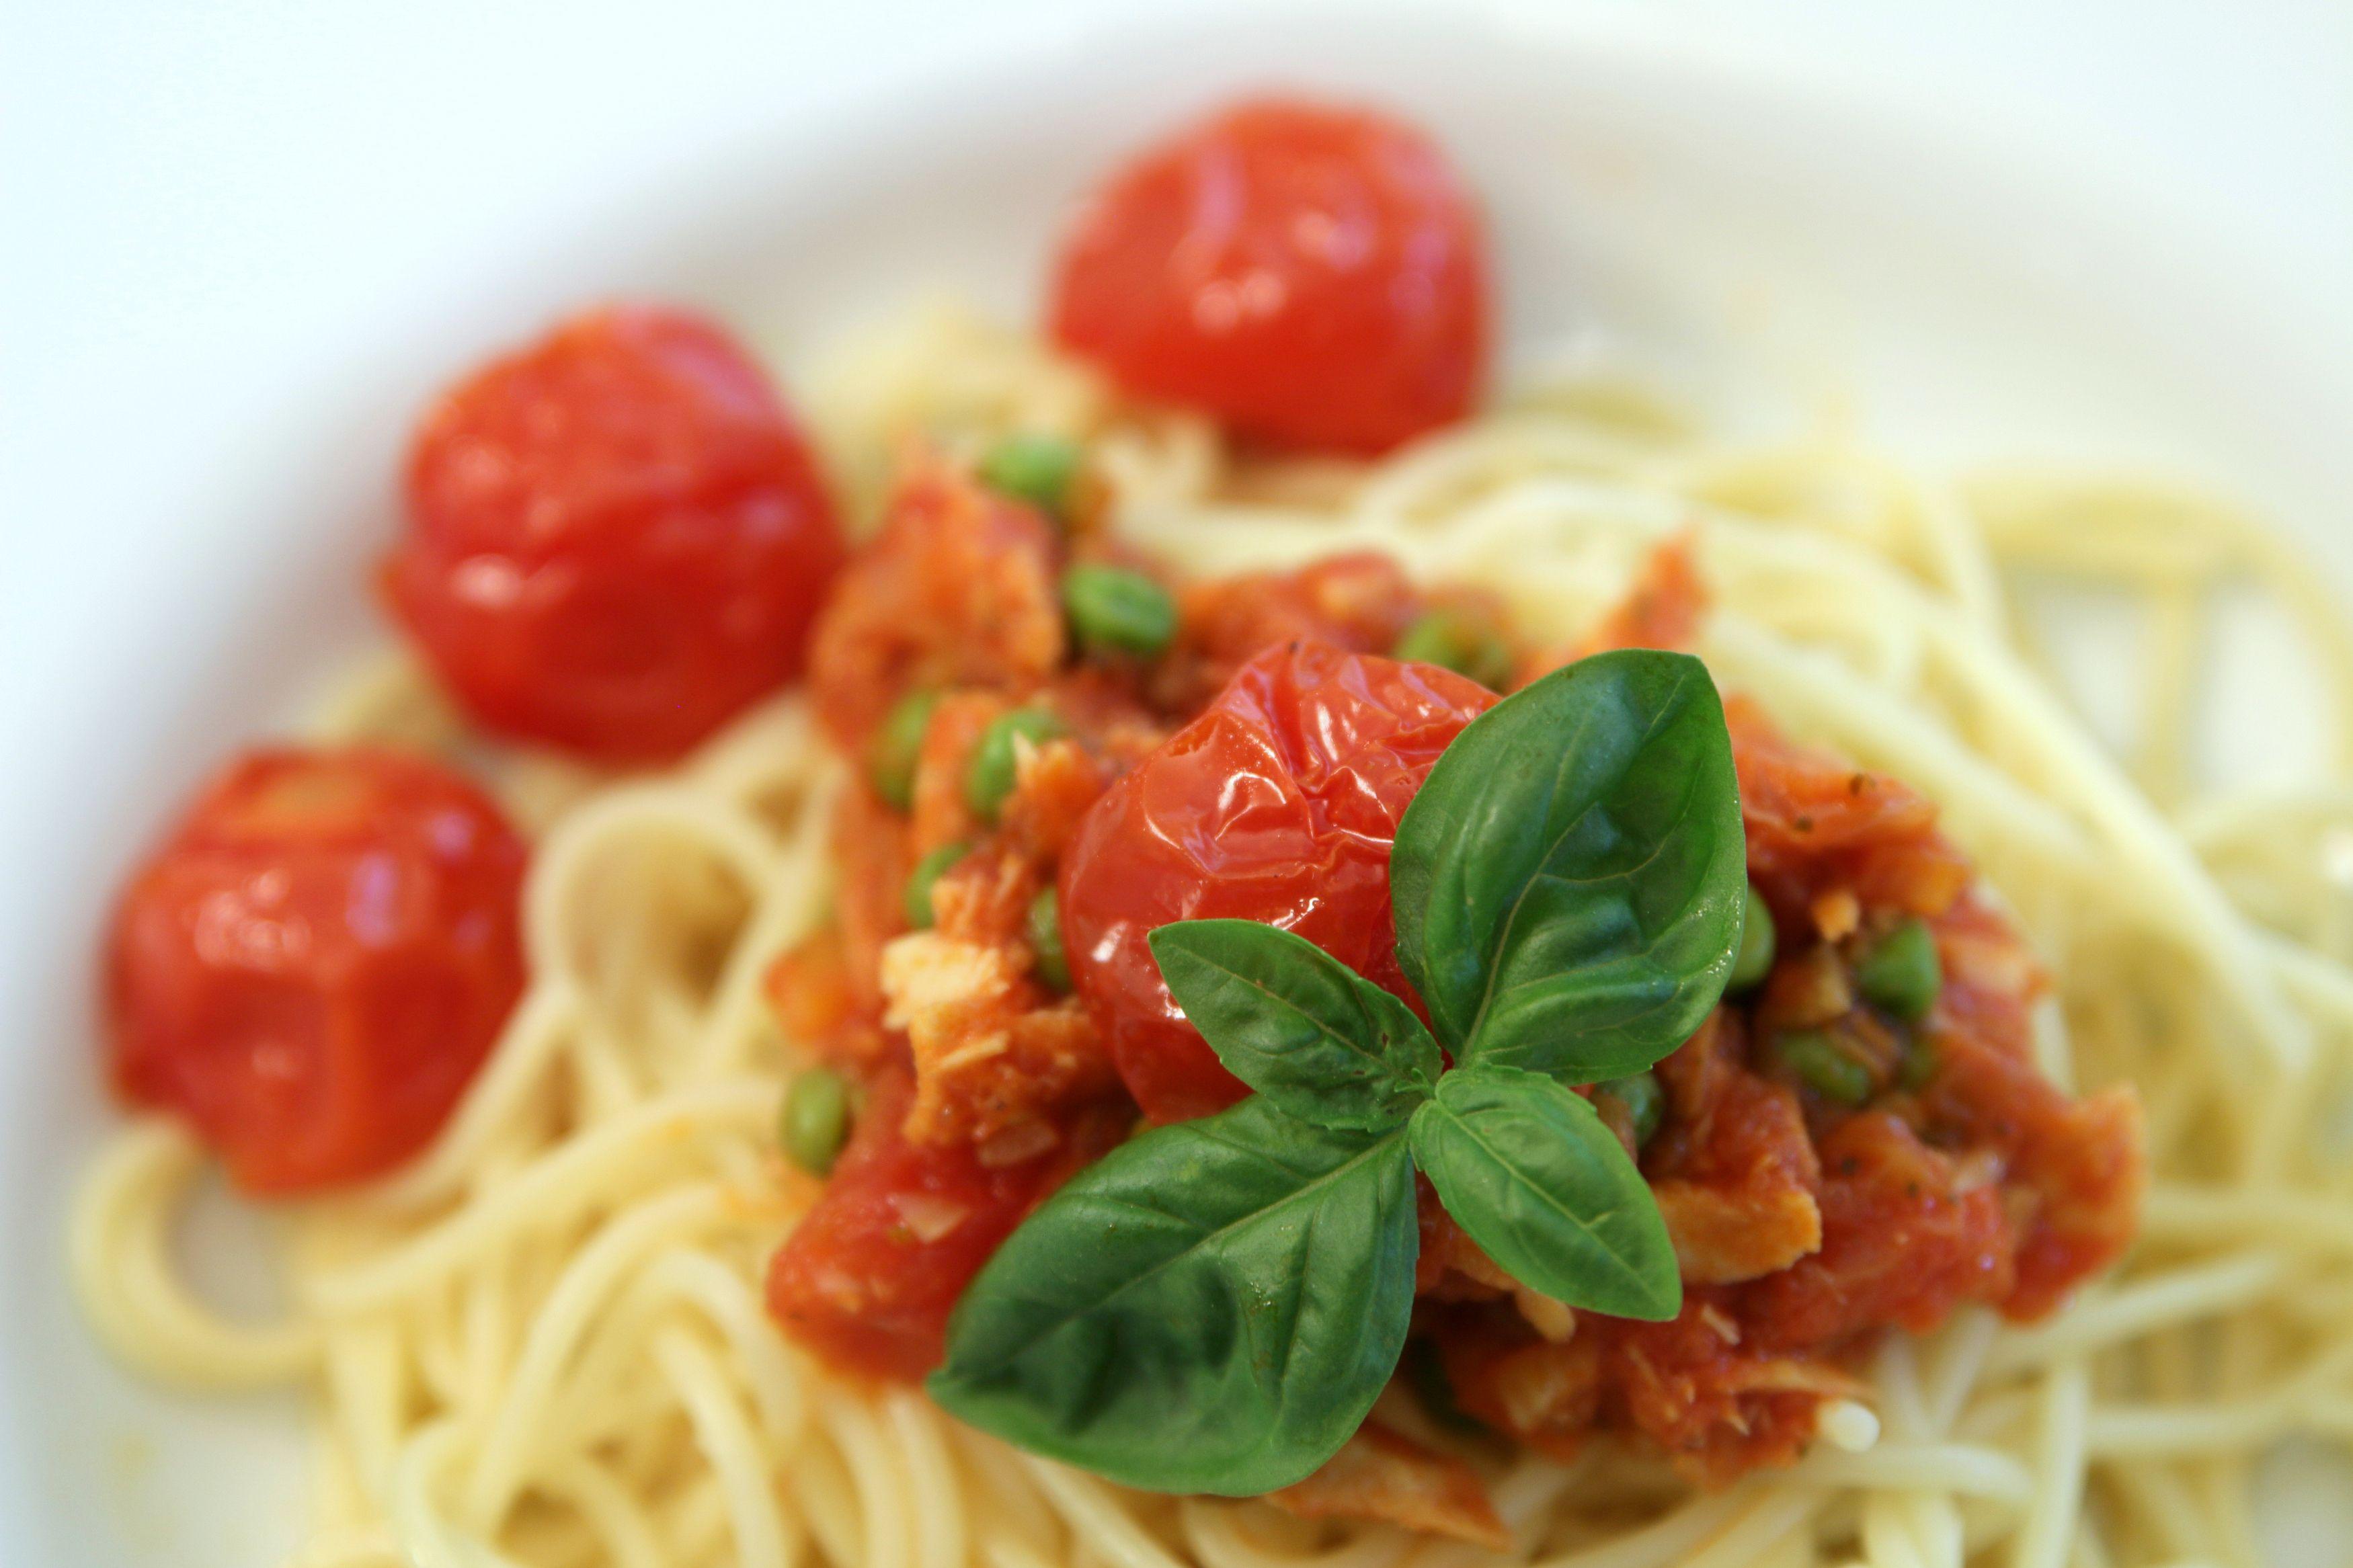 Cookinesi Spaghetti An Erbsen Thunfisch Sauce Rezepte Erbsen Lebensmittel Essen